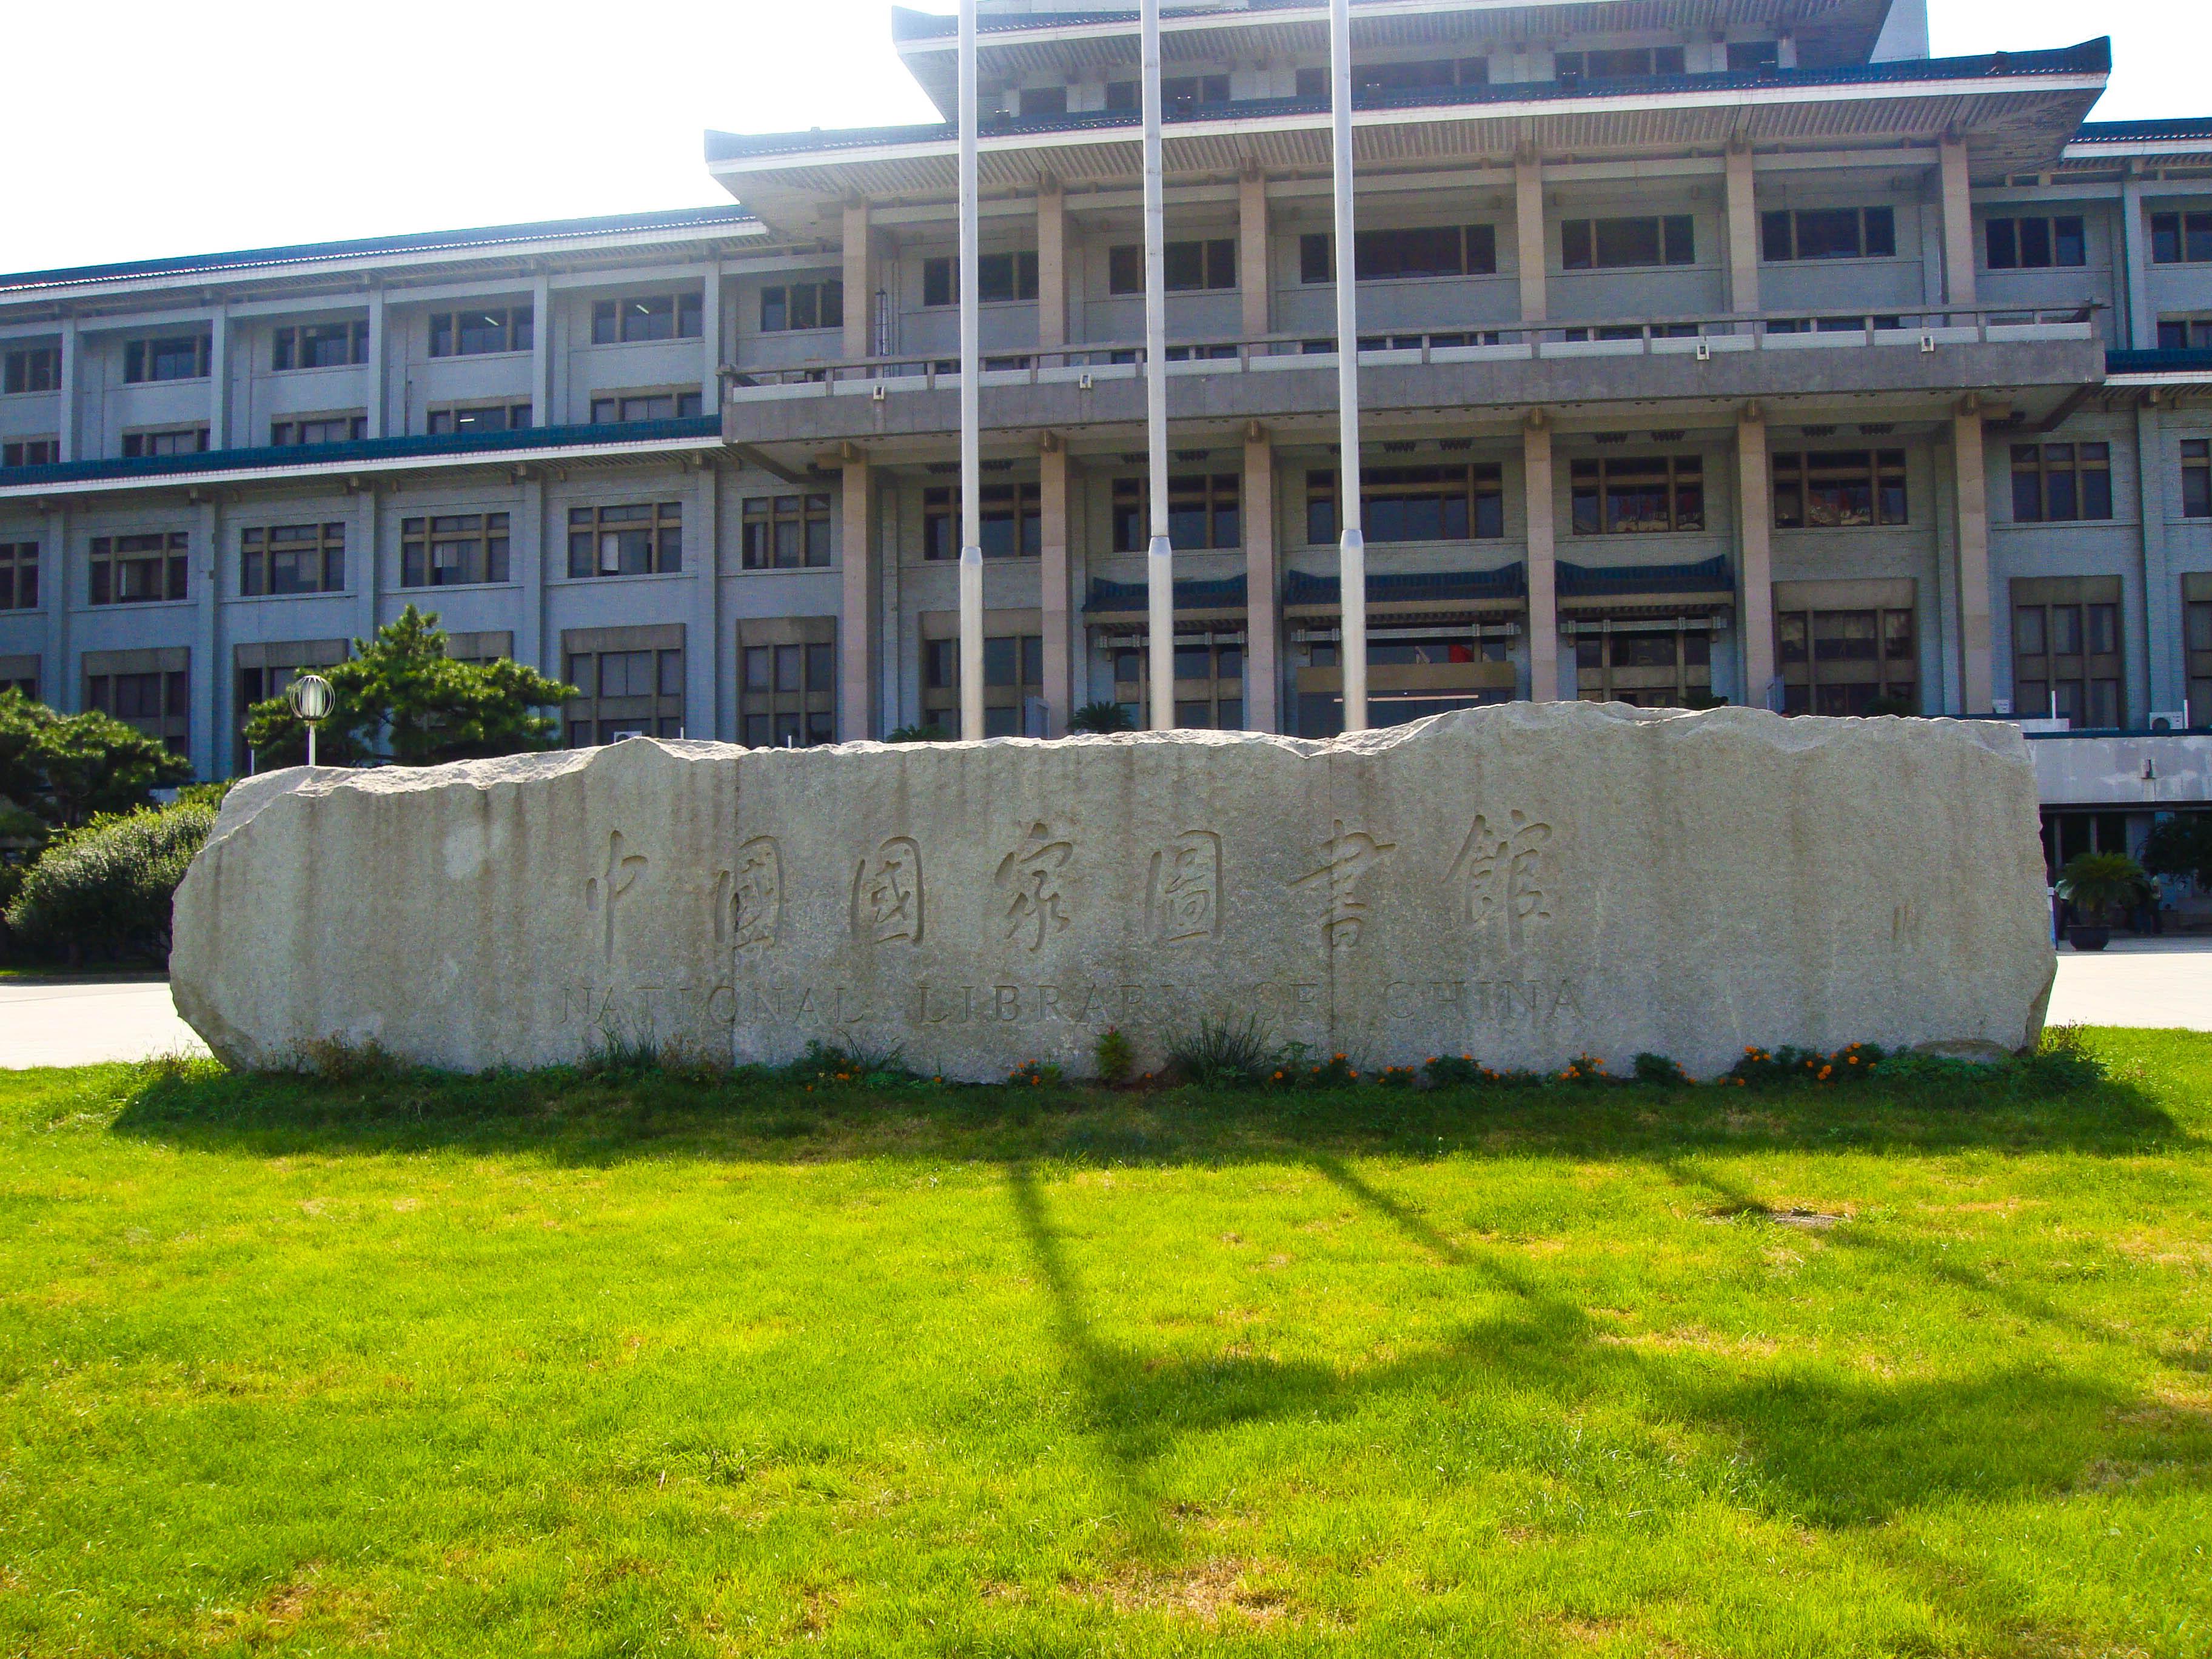 中国国家图书馆1987年落成,总馆占地7.24公顷,设计藏书能力2000万册.